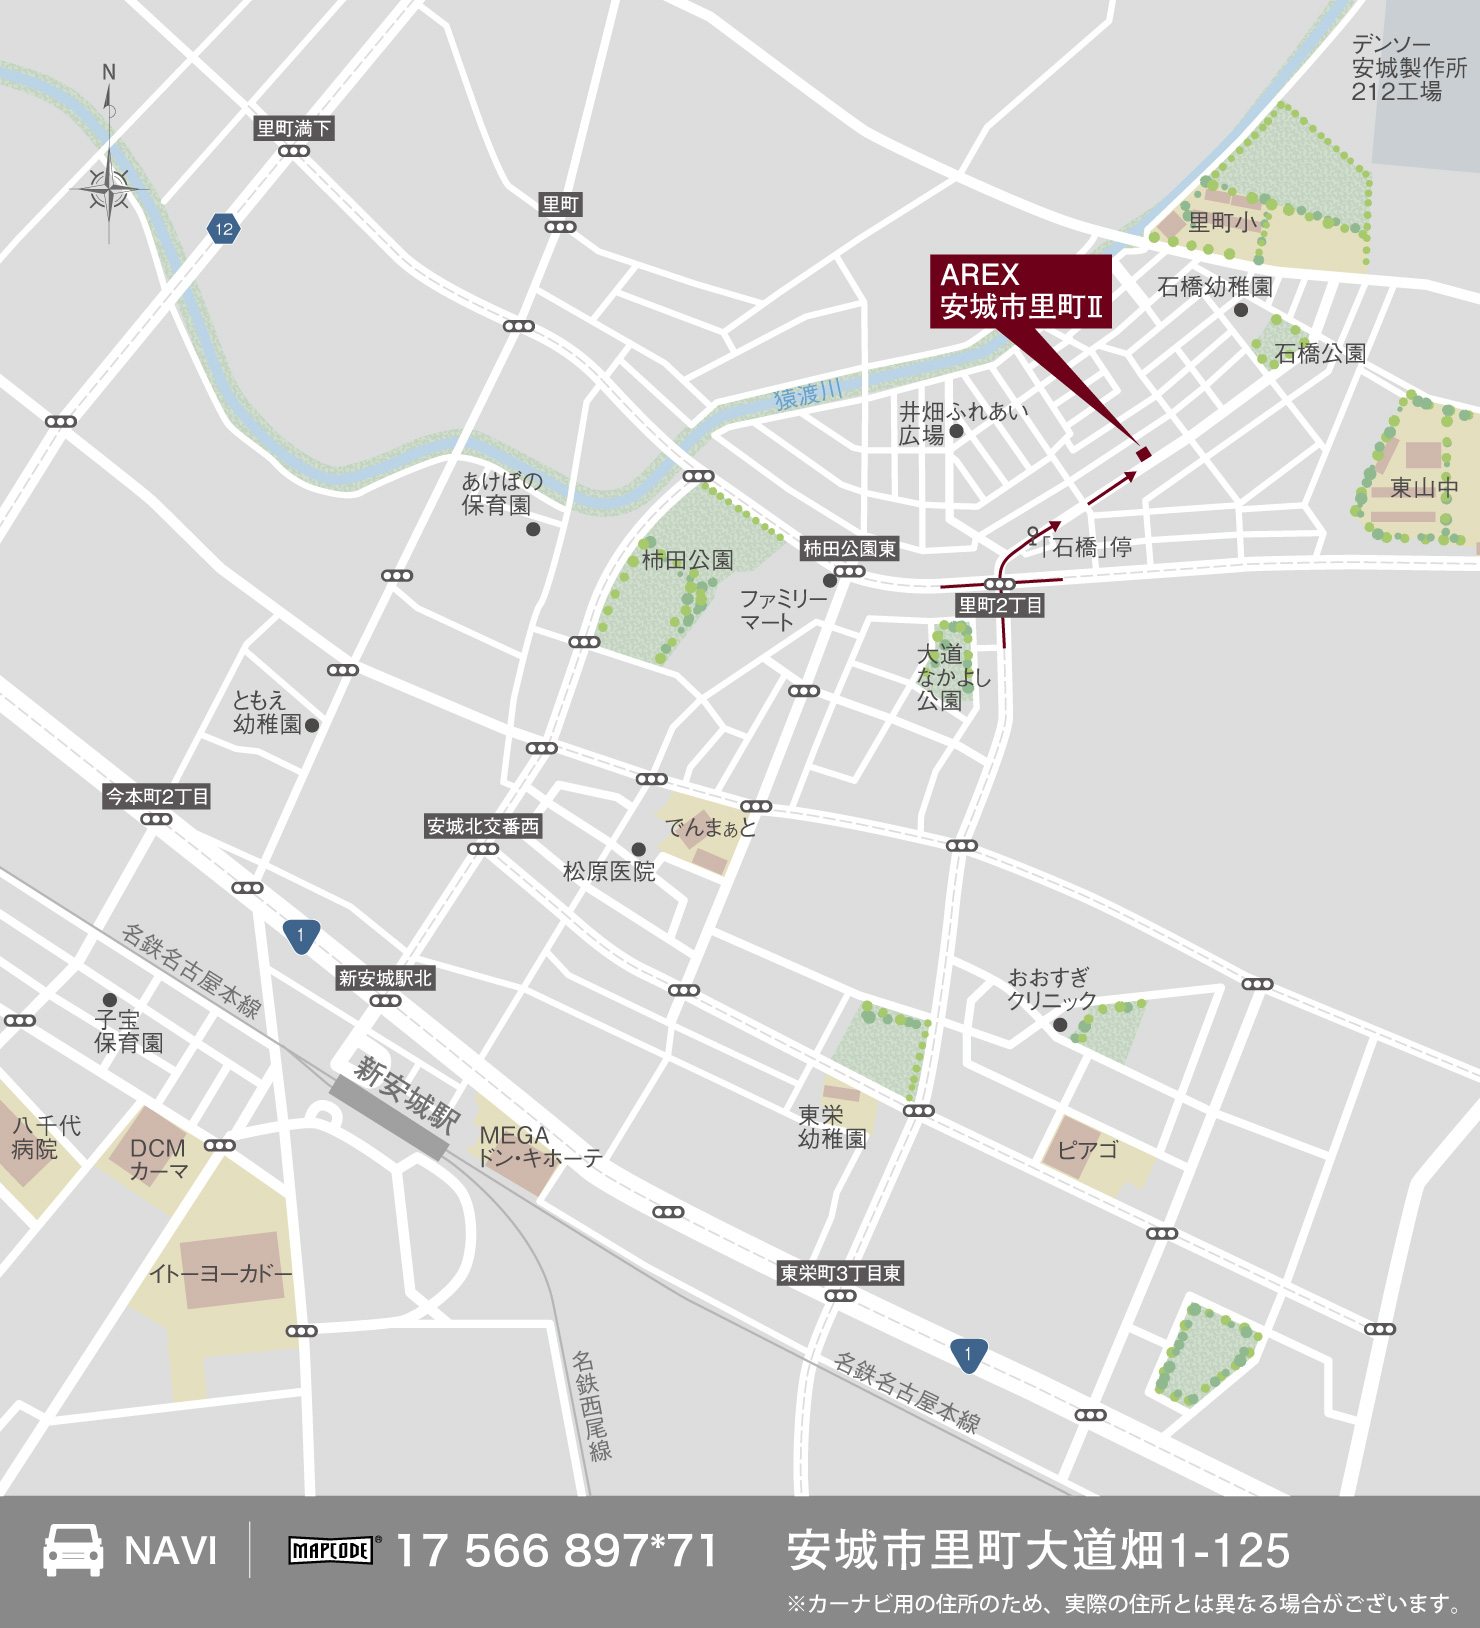 3_地図_安城市里町2